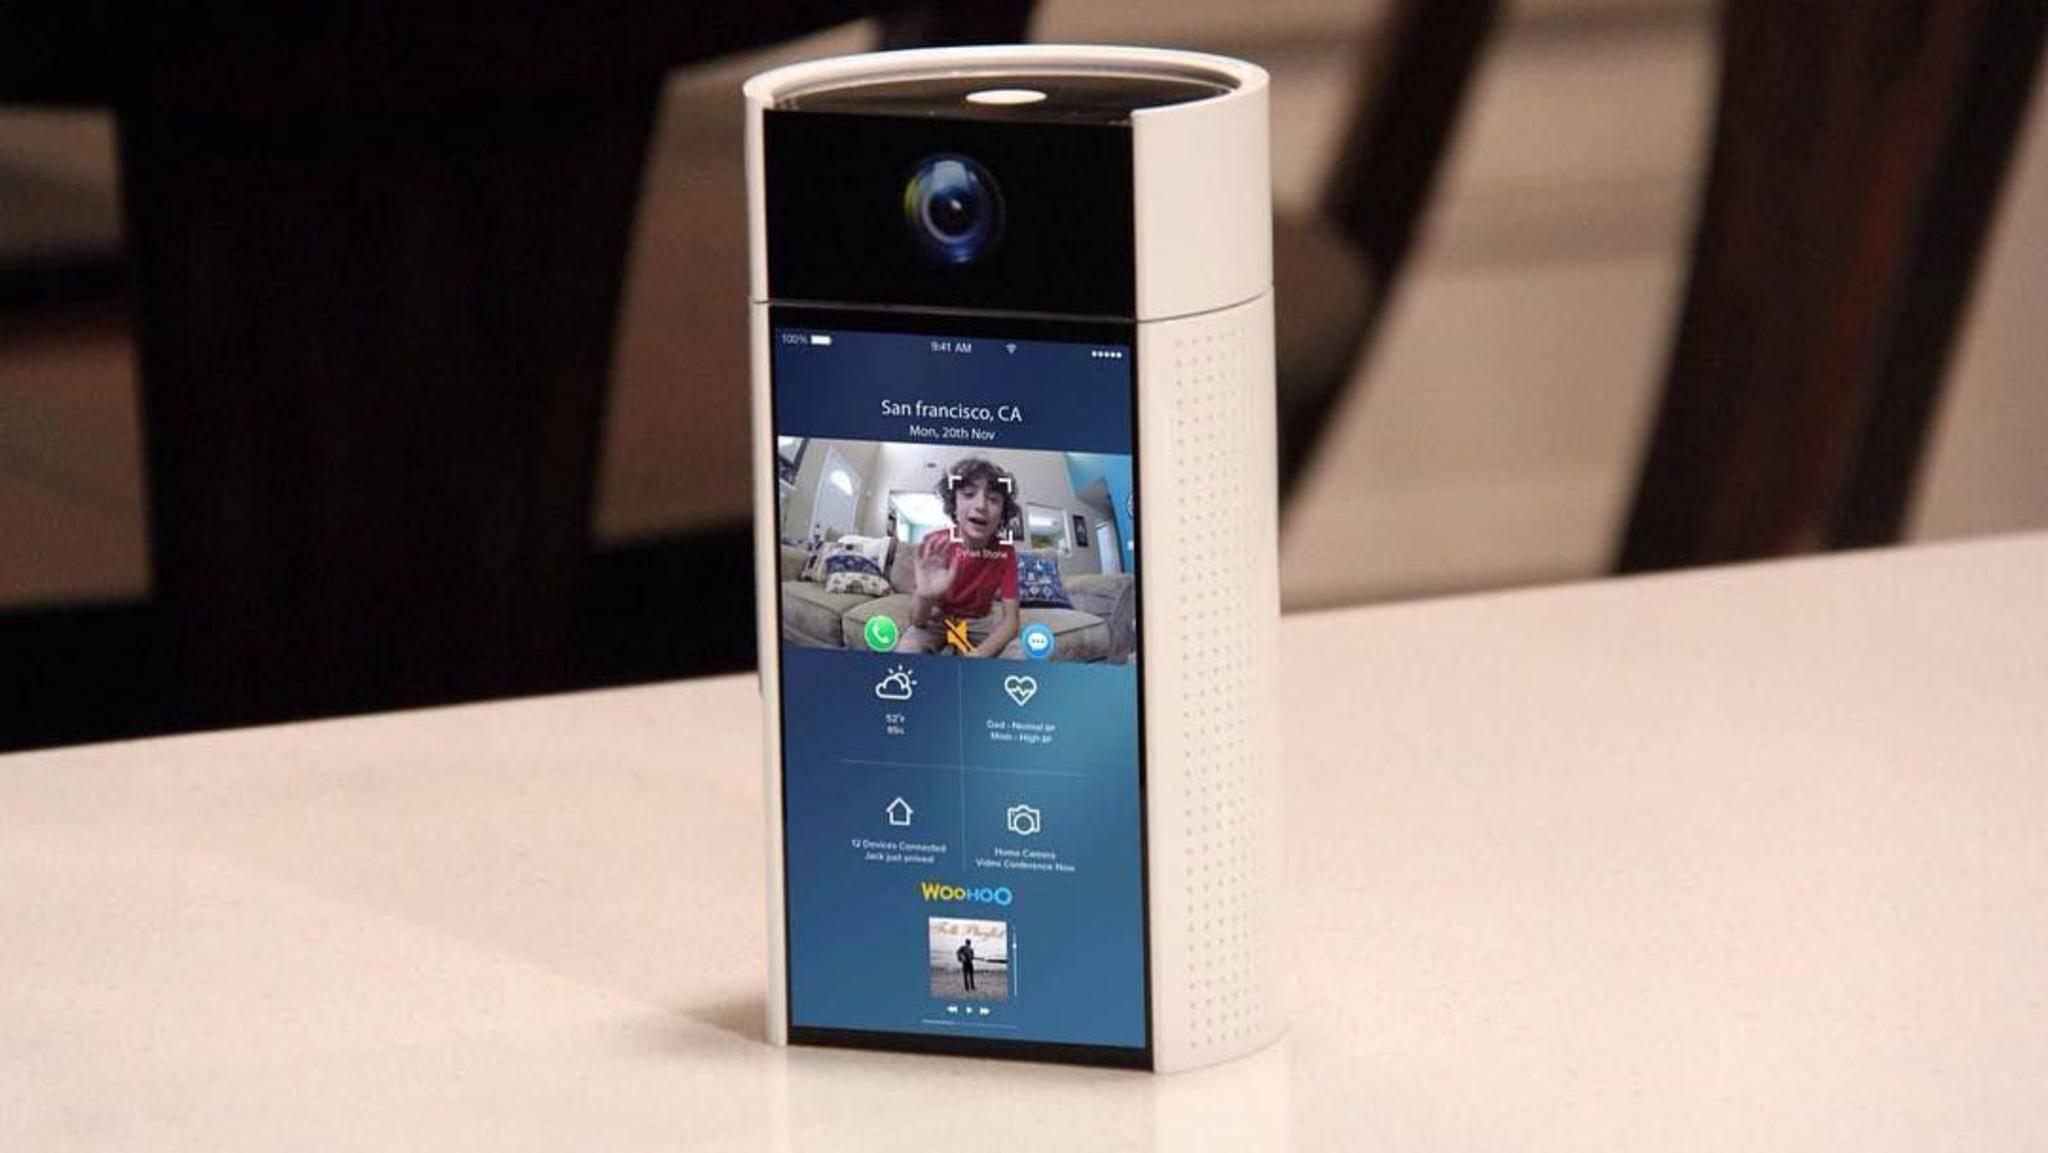 Sprachsteuerung, Gesichtserkennung und umfangreiche Smart Home-Vernetzung: WooHoo verfügt zudem über einen großen Touchscreen.